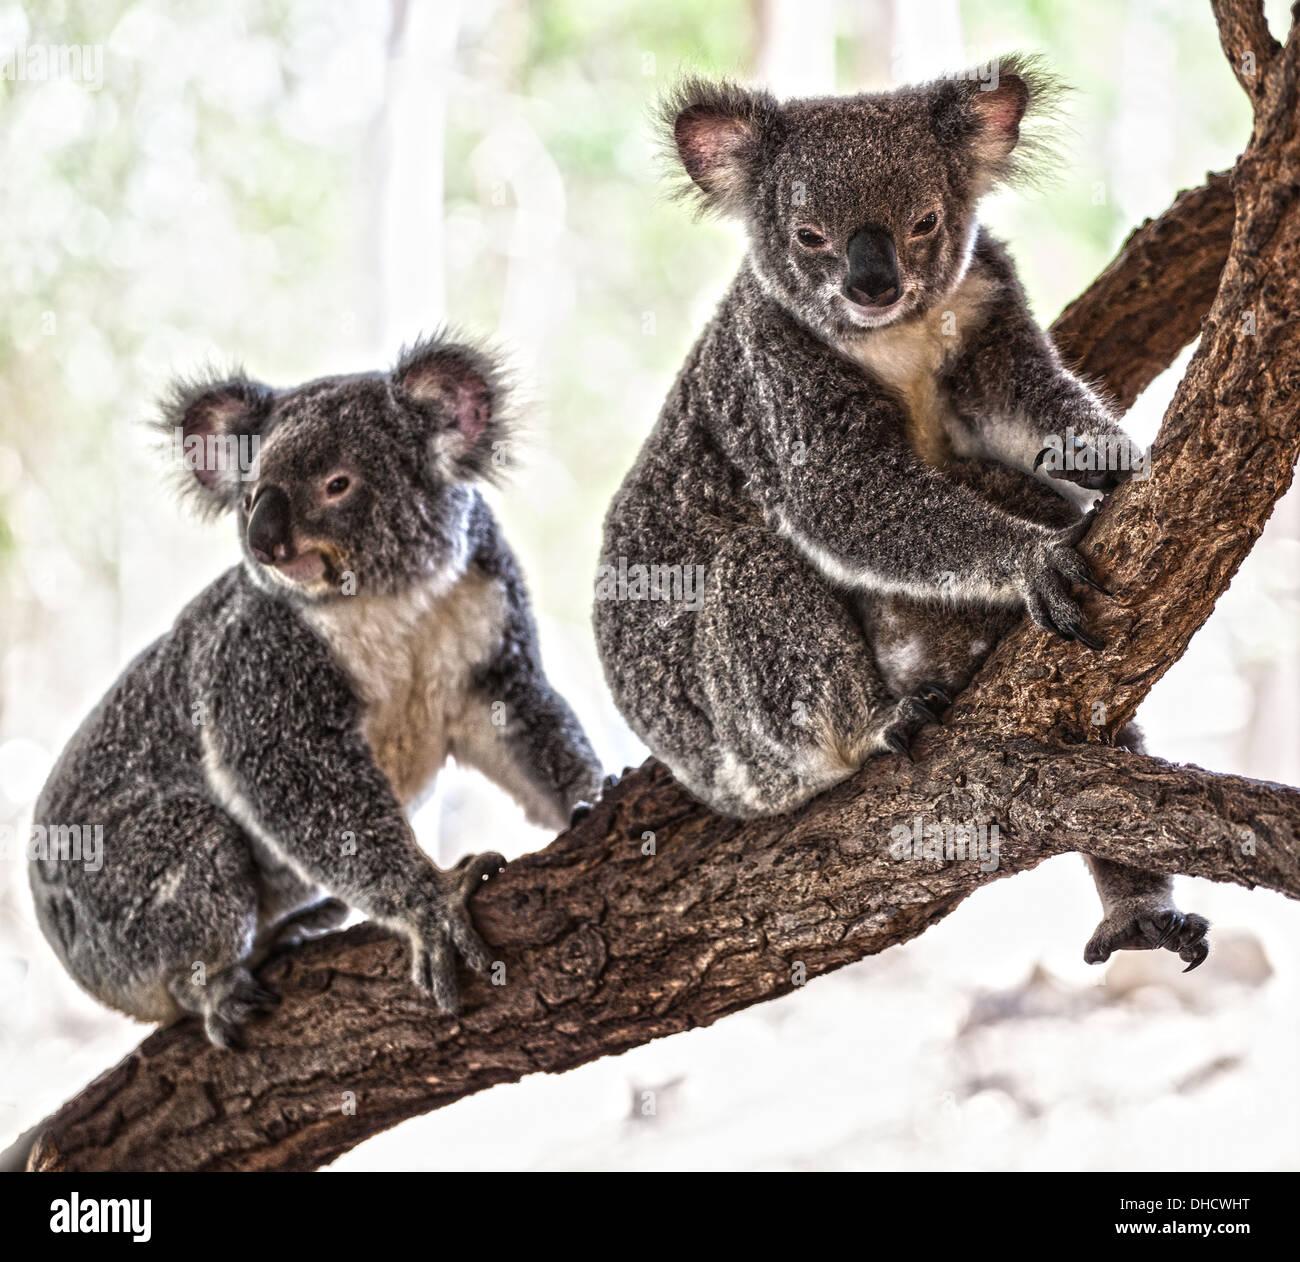 A Koala bear sitting in a tree in Australia - Stock Image